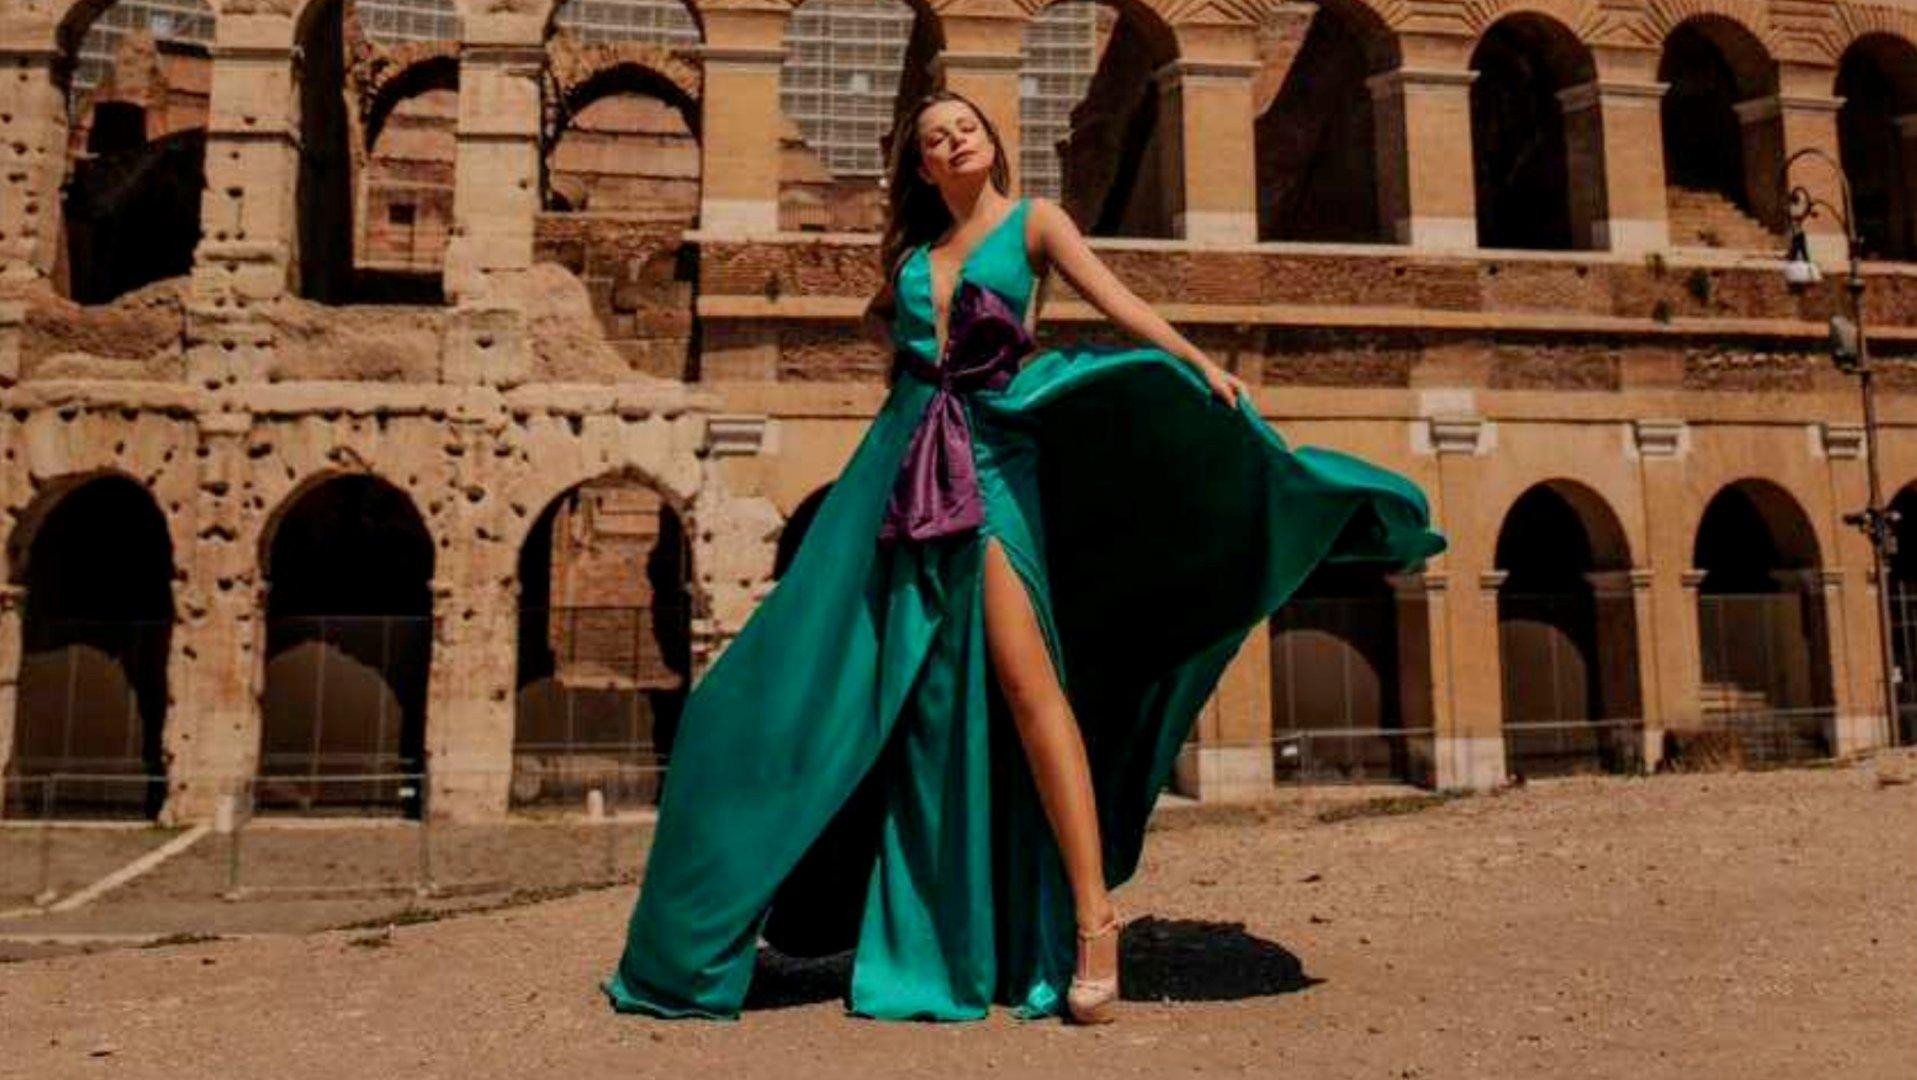 Fashion Specialist desfila diferentes estilos em projeto realizado na Europa